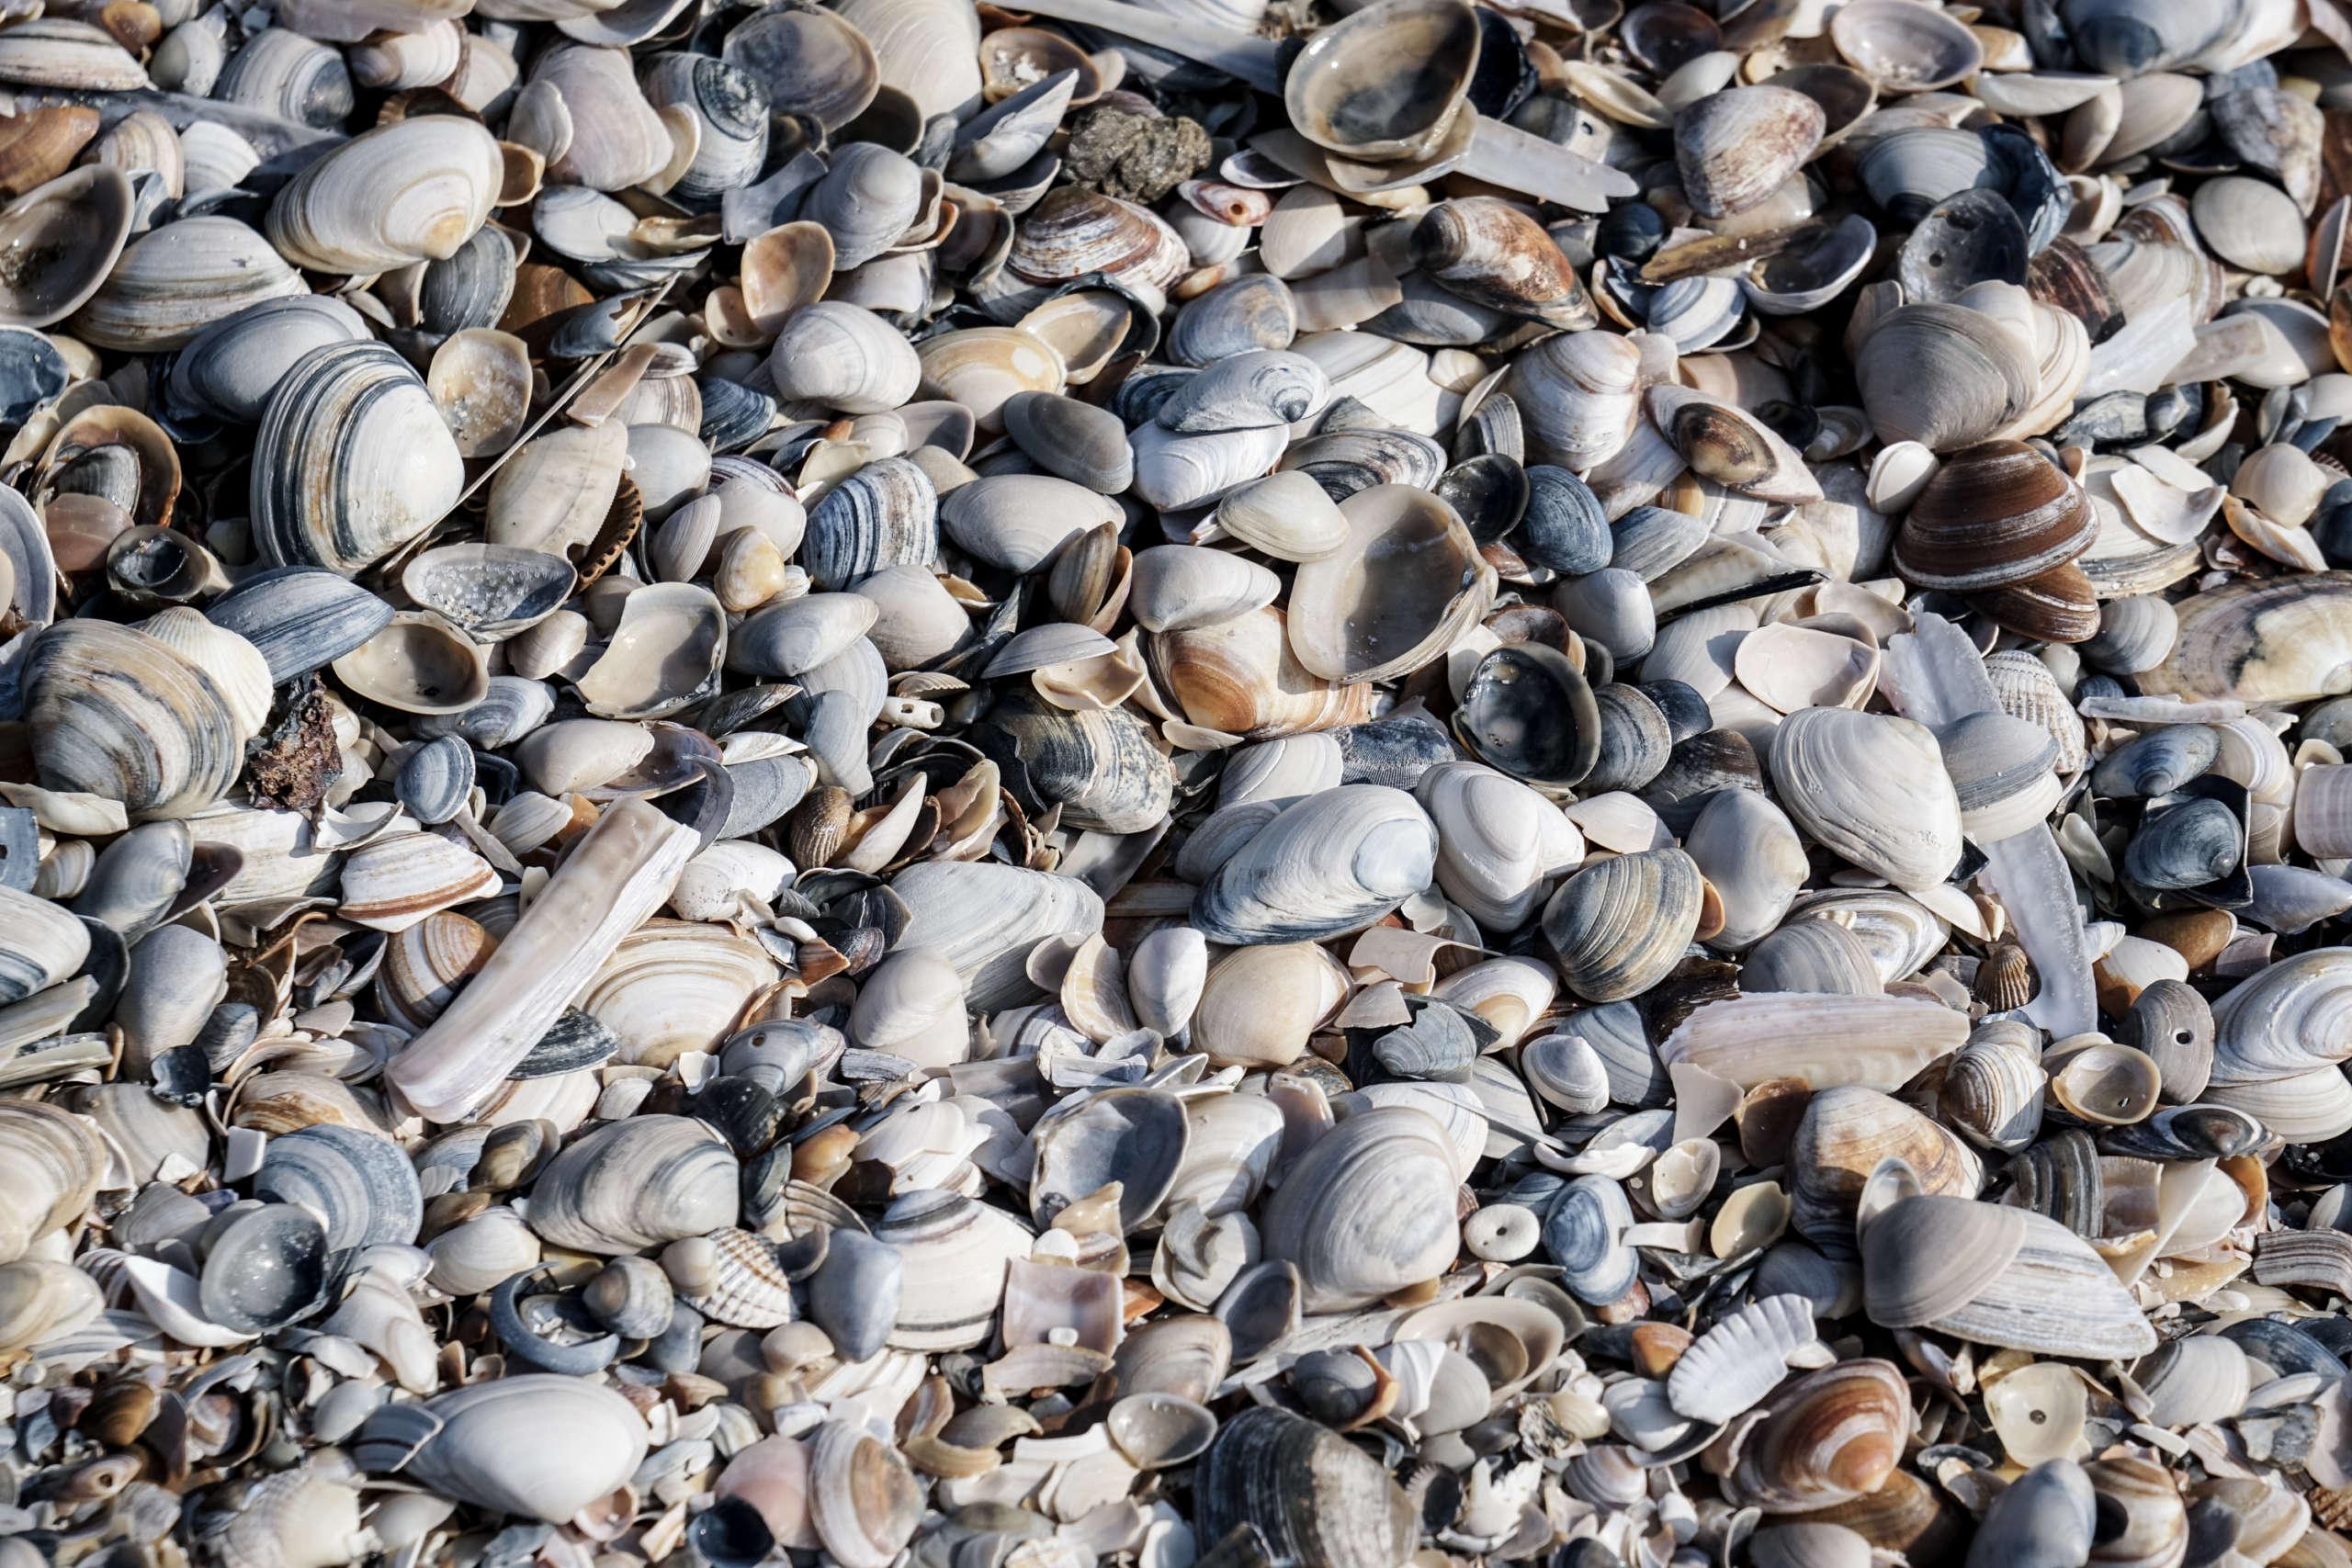 Viele verschiedene Arten von Muscheln am Strand